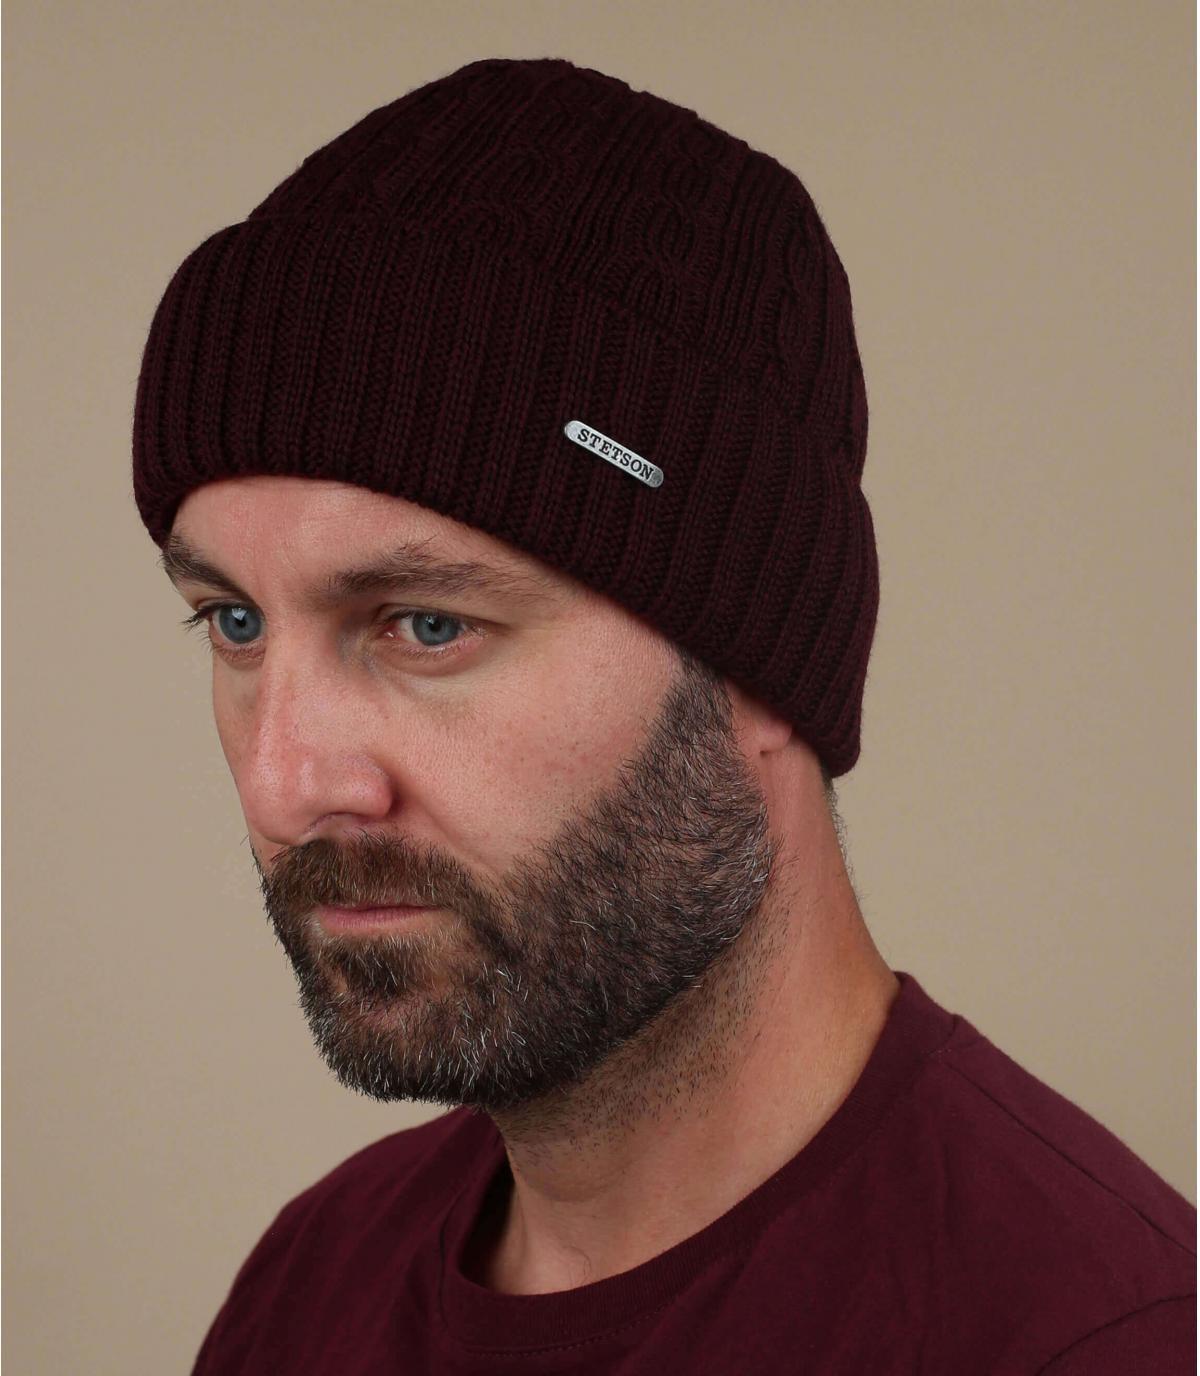 cappello di lana bordeaux bordeaux